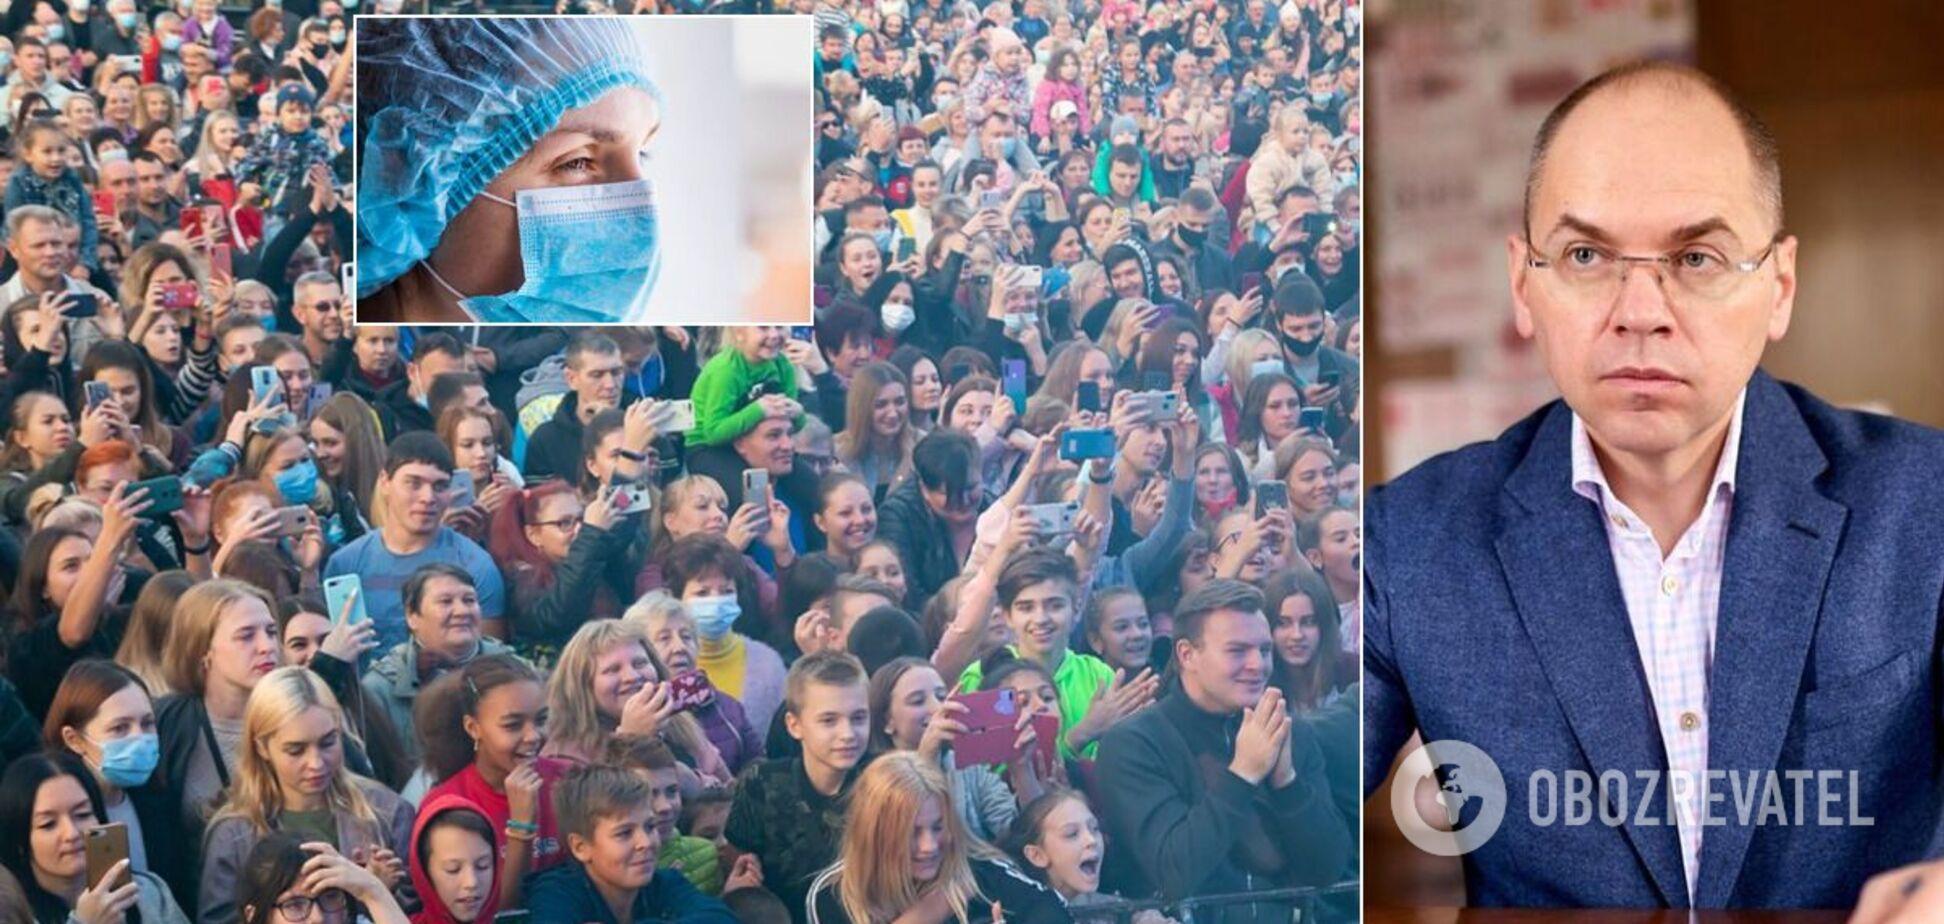 Степанов раскритиковал концерт Поляковой